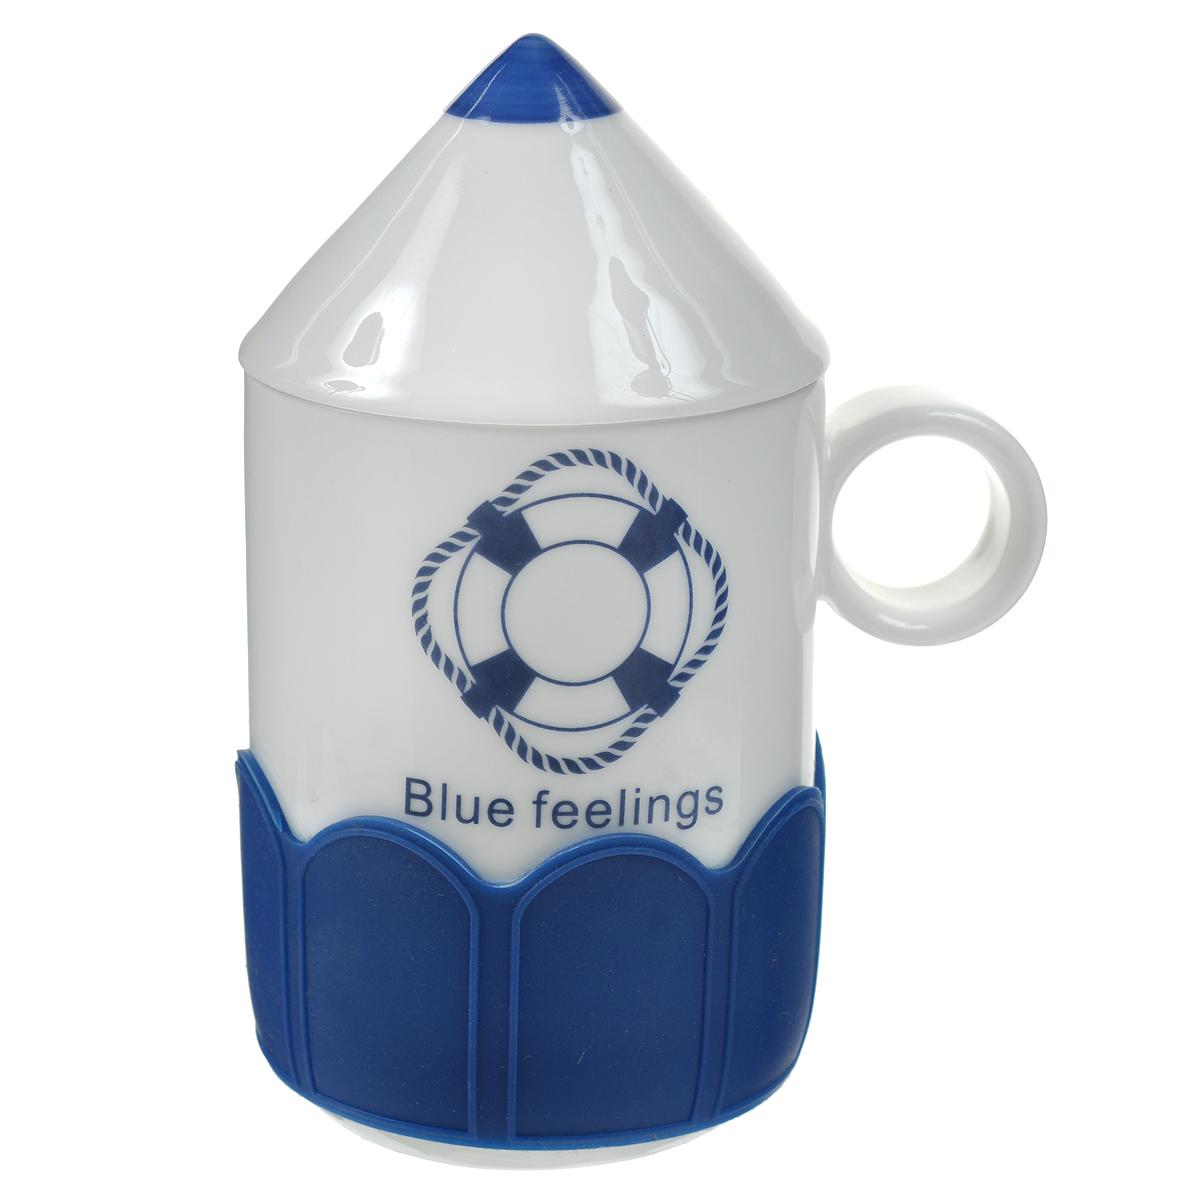 Кружка Карандаш. Спасательный круг, с крышкой, цвет: белый, синий. 003105003105Оригинальная кружка Карандаш, выполненная из керамики, станет отличным подарком для человека, ценящего забавные и практичные подарки. Кружка выполнена в виде карандаша. Оснащенная удобной керамической крышкой, кружка превосходно сохраняет температуру напитка, а силиконовый ободок добавит комфорта при чаепитии.Такой подарок станет не только приятным, но и практичным сувениром: кружка станет незаменимым атрибутом чаепития, а оригинальный дизайн вызовет улыбку. Характеристики:Материал:керамика, силикон. Высота кружки (без учета крышки):10 см. Диаметр по верхнему краю:7 см. Размер упаковки:10,5 см х 8 см х 12 см. Артикул: 003105.